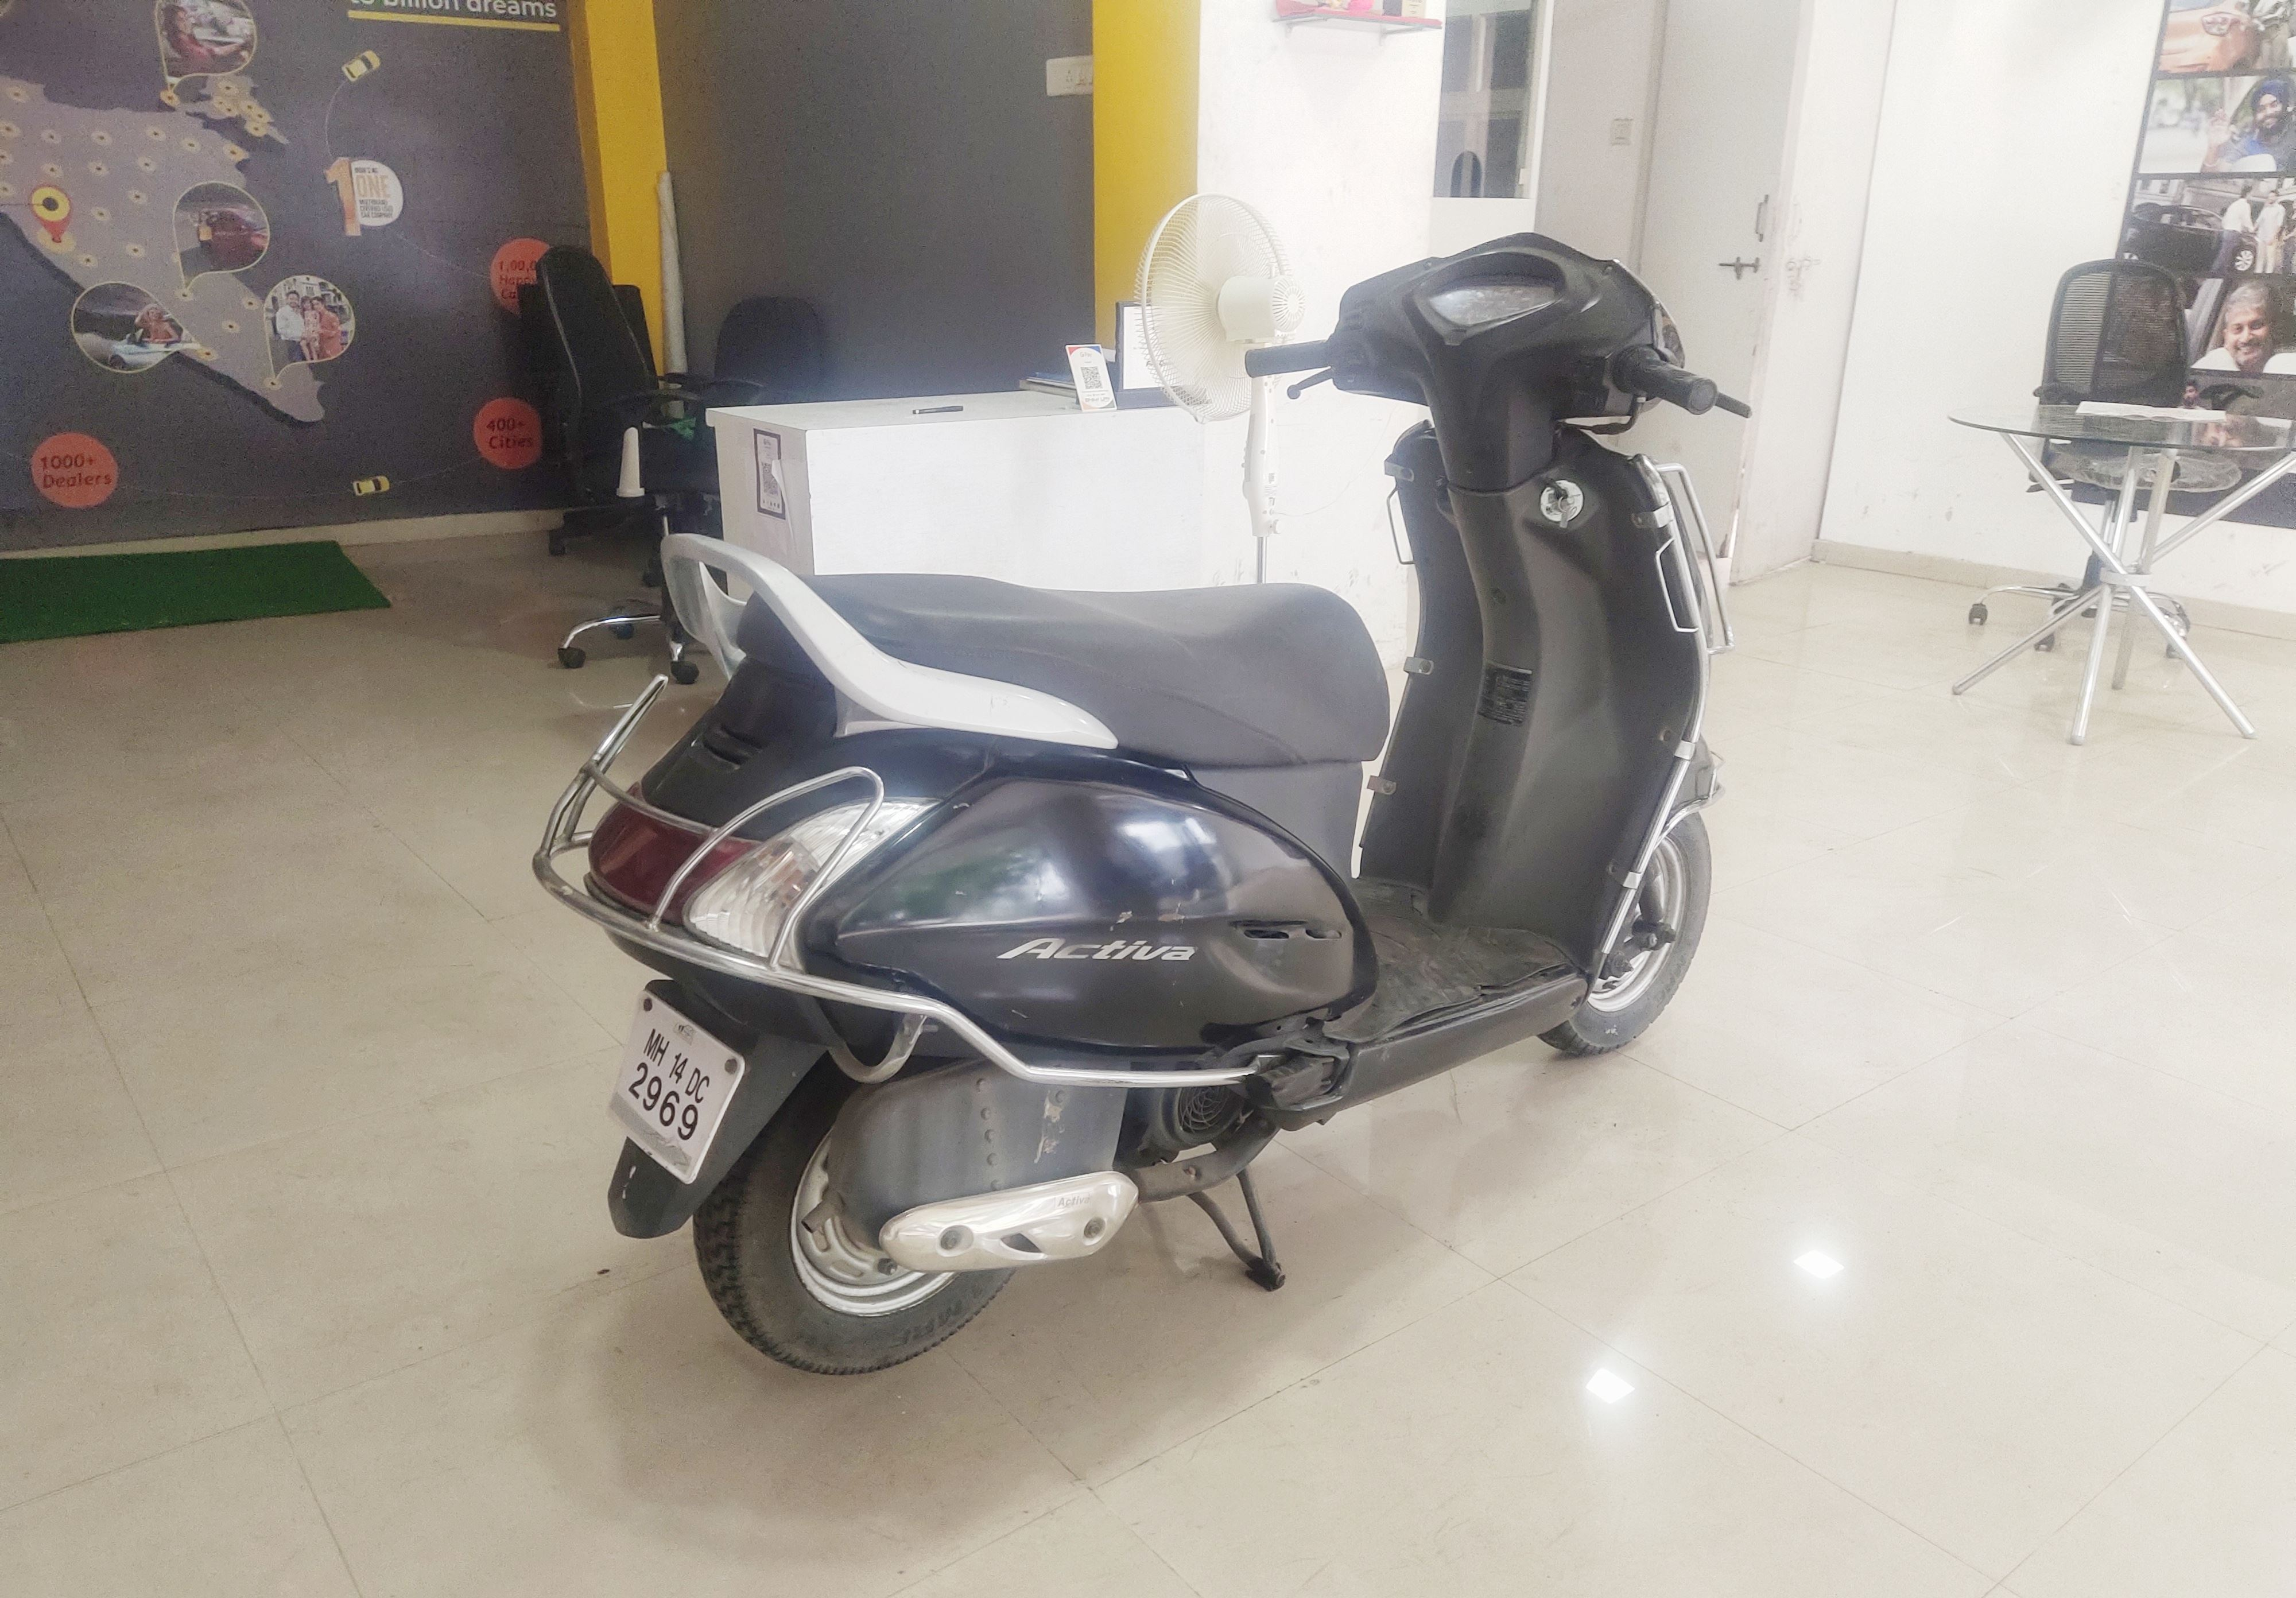 2011 Used Honda Activa(2000-2015) STANDARD